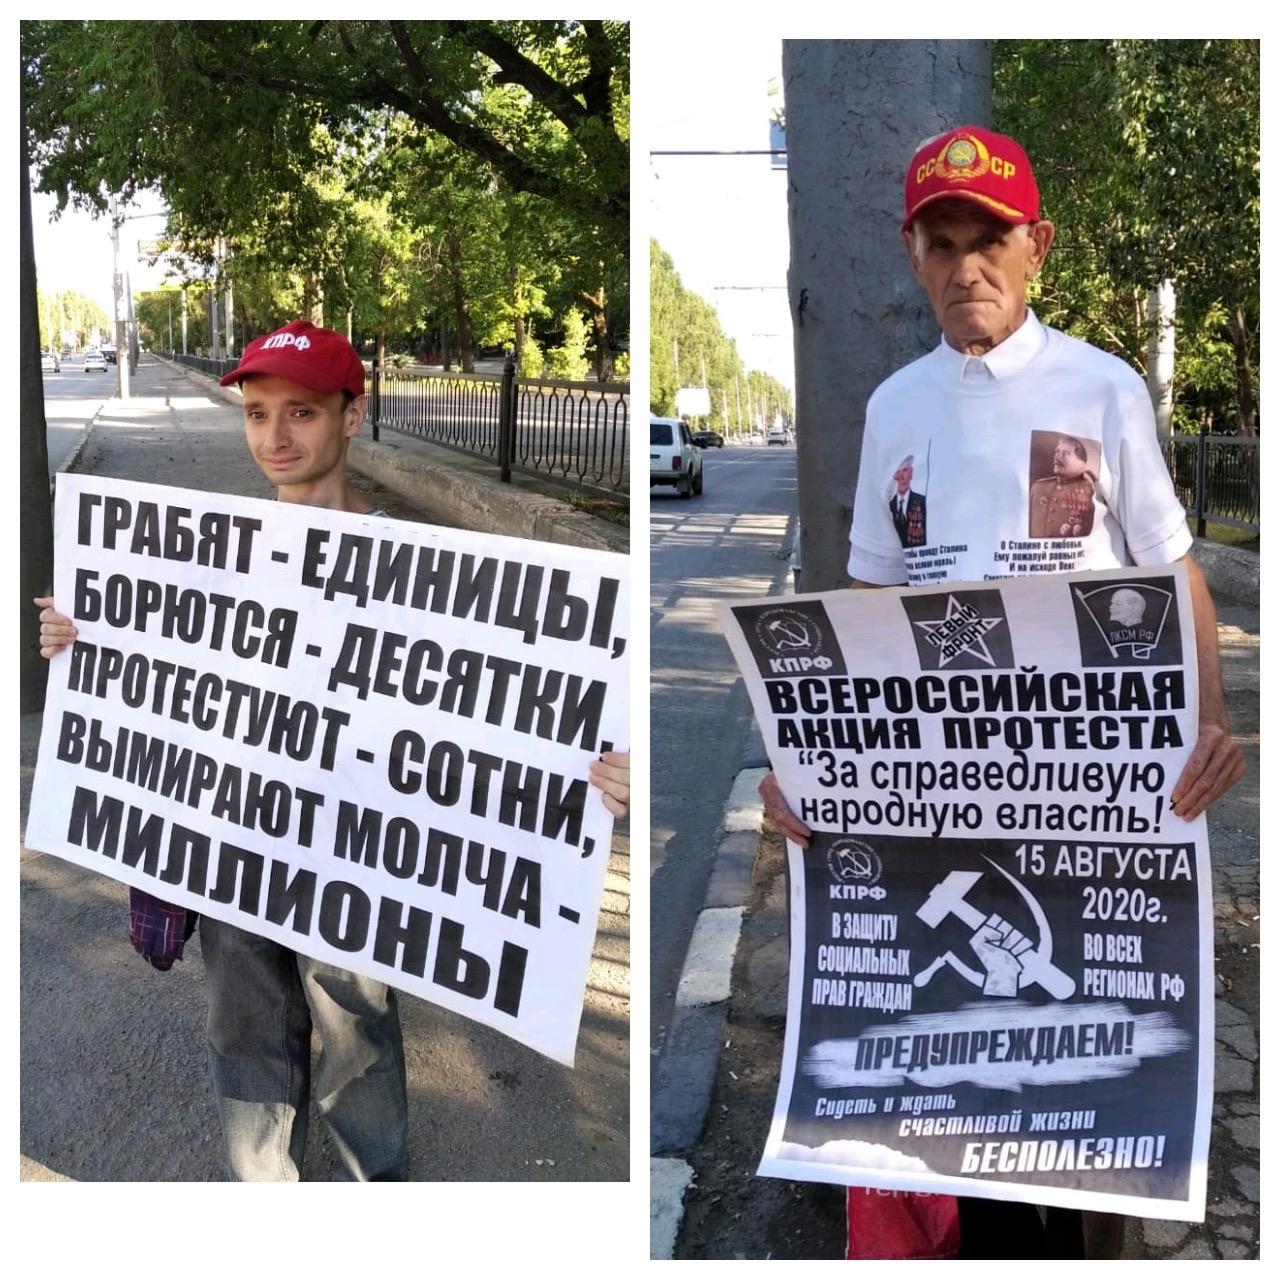 Саратовские коммунисты против антинародной политики власти